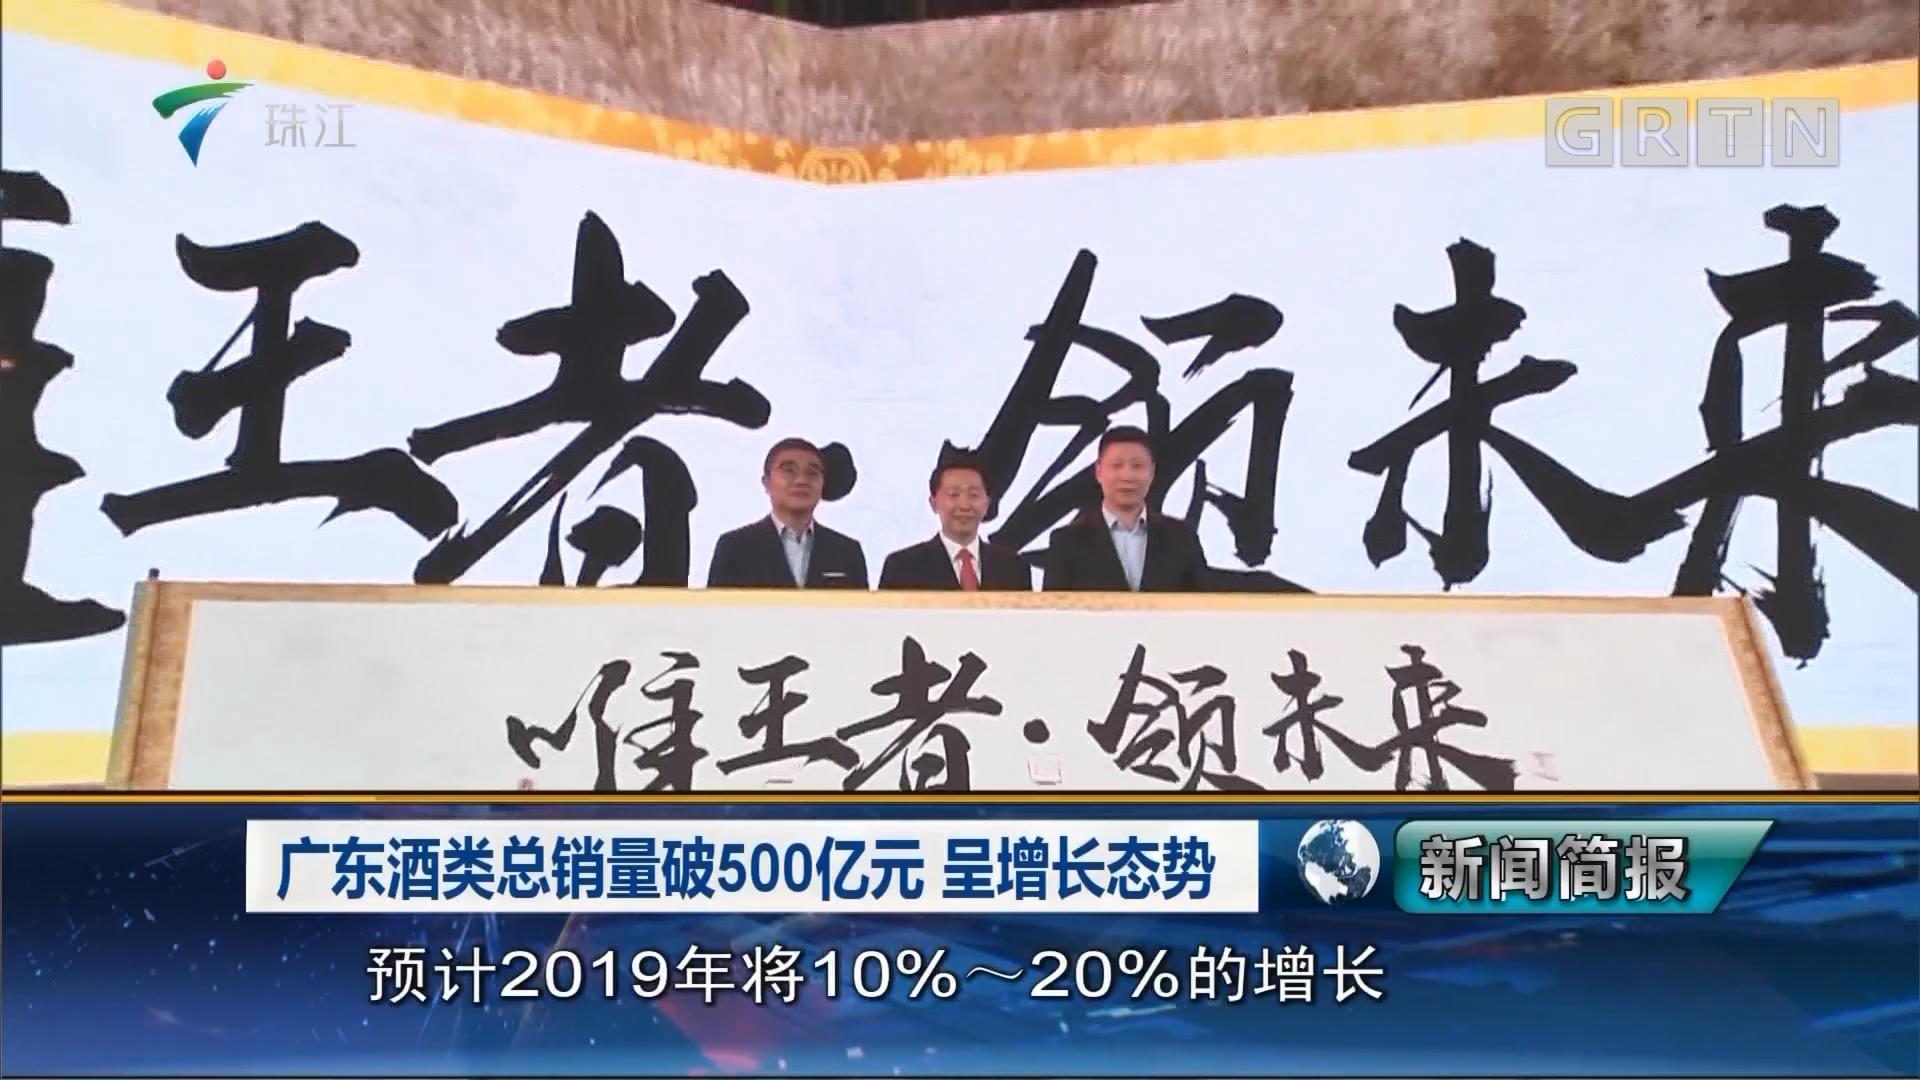 广东酒类总销量破500亿元 呈增长态势